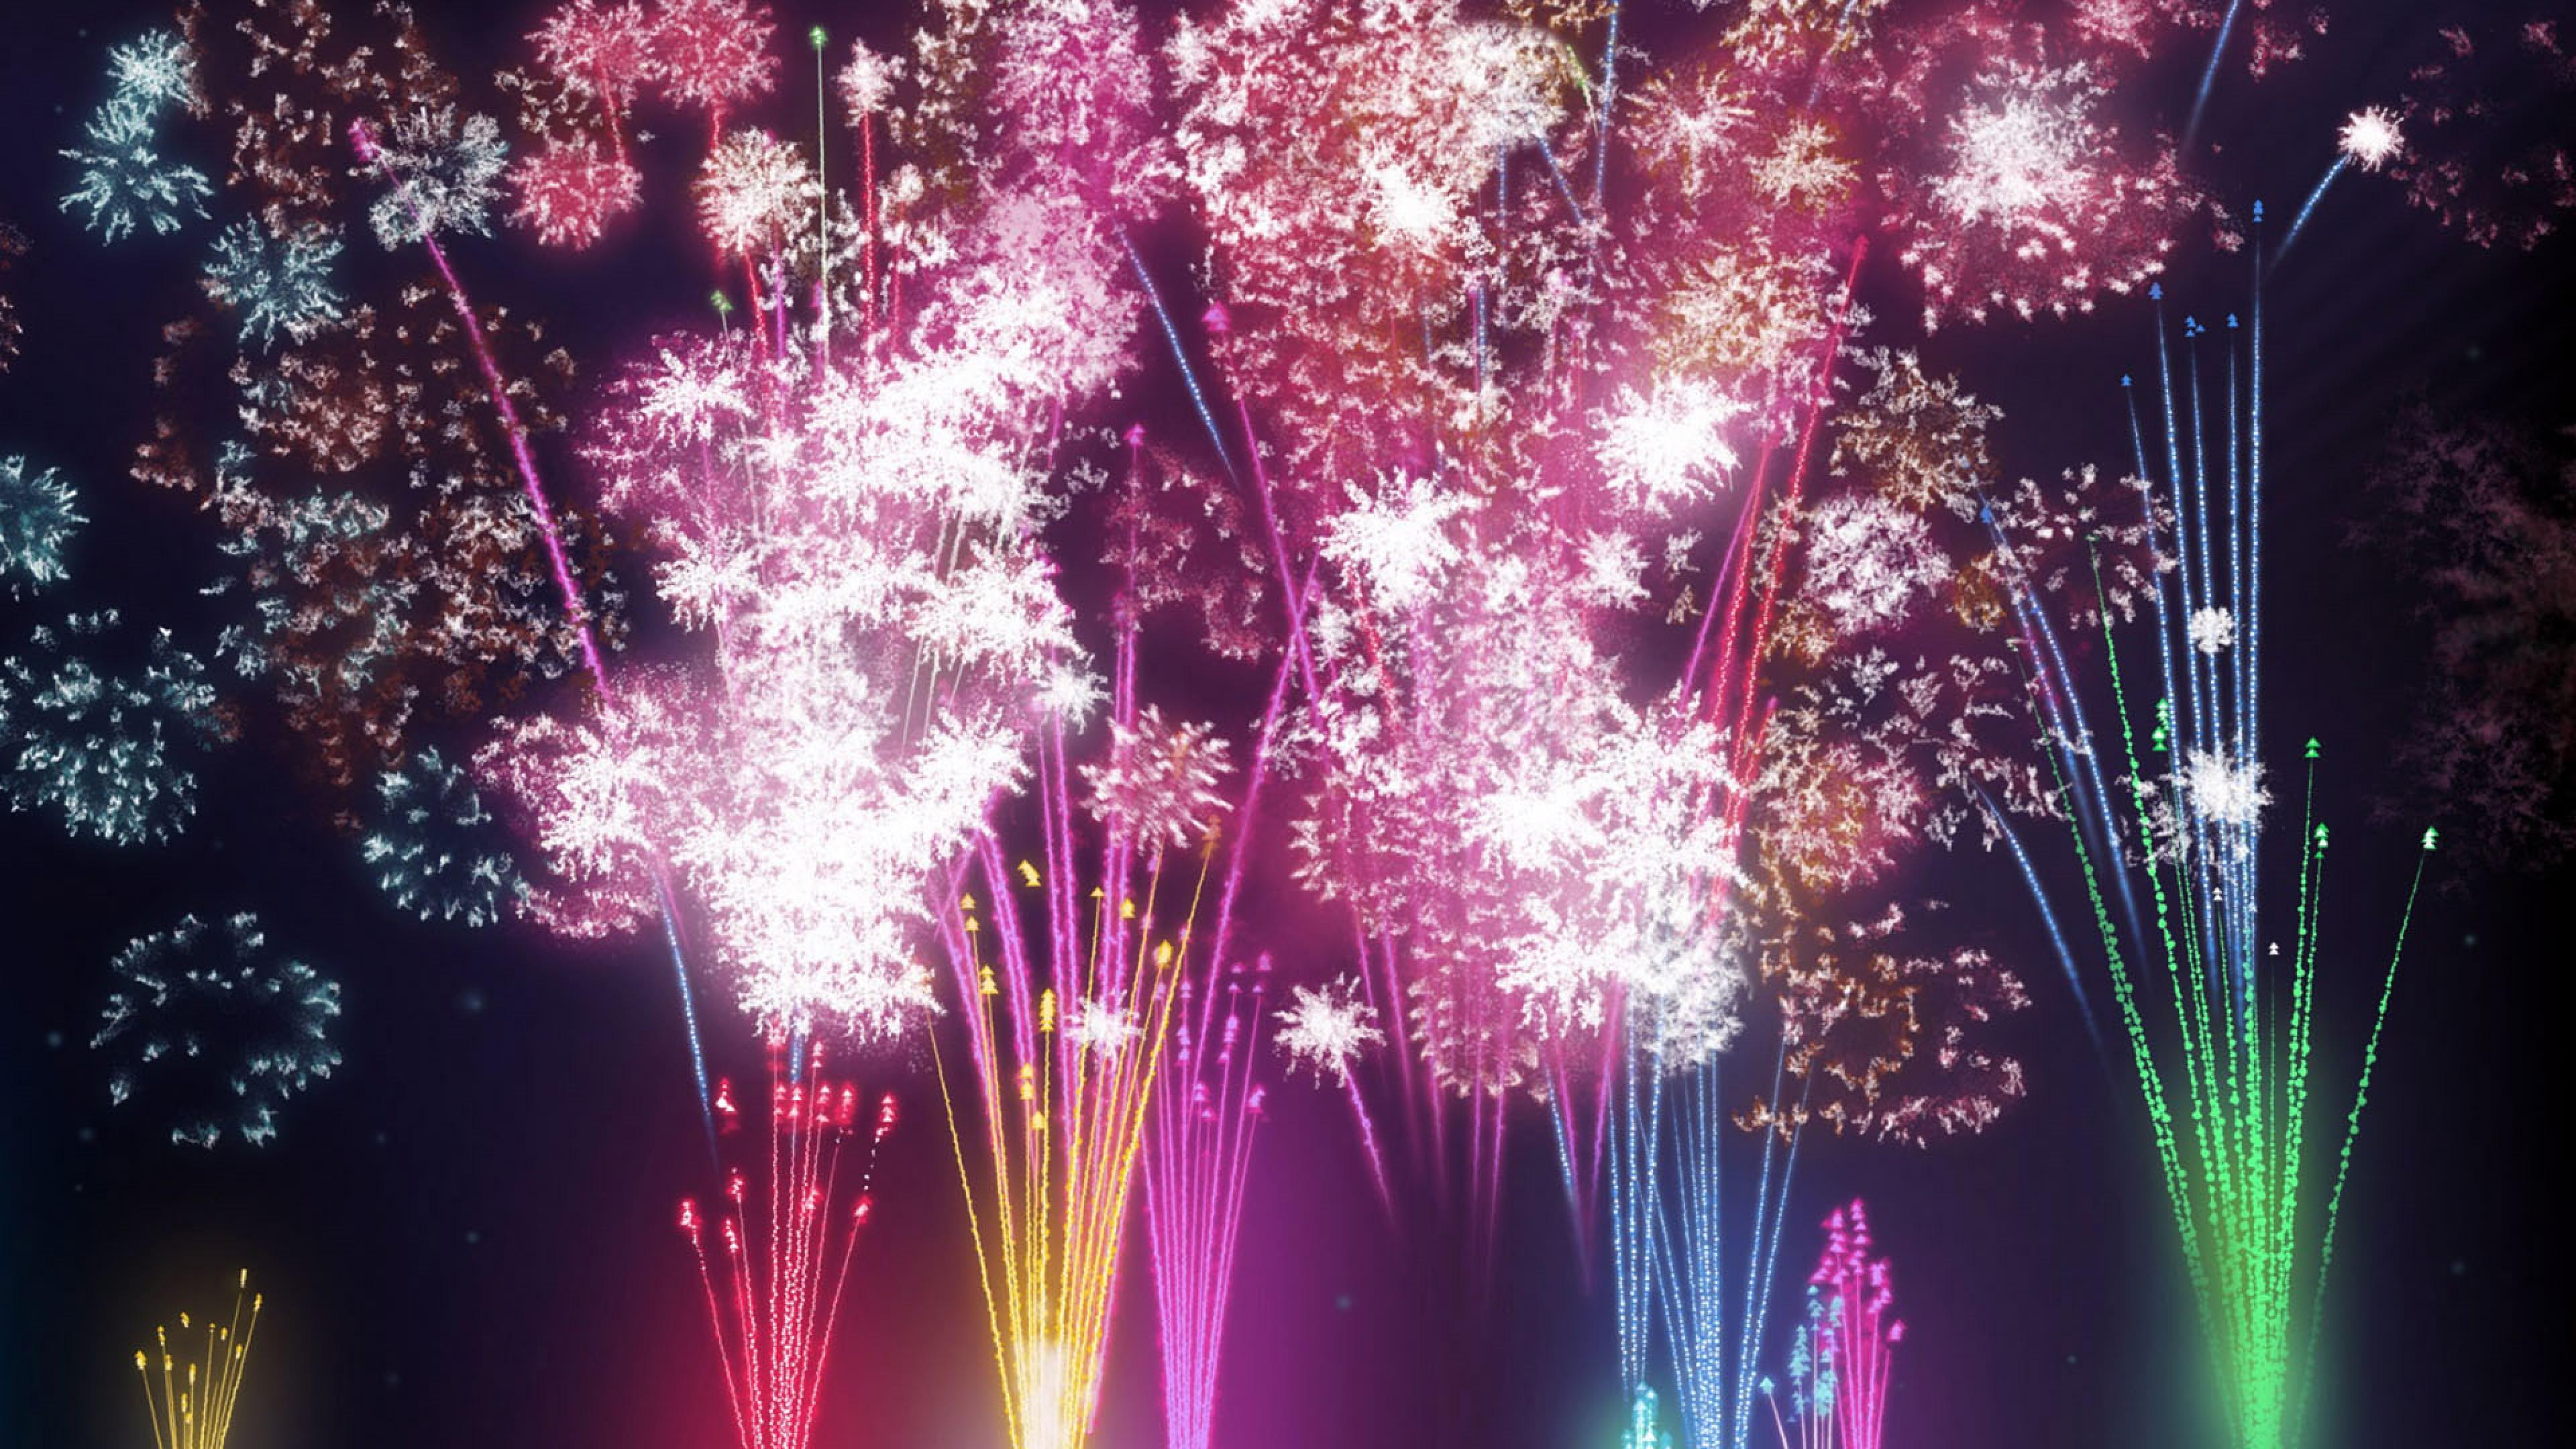 Фото новый год 2009 в саратове с хастлом 5